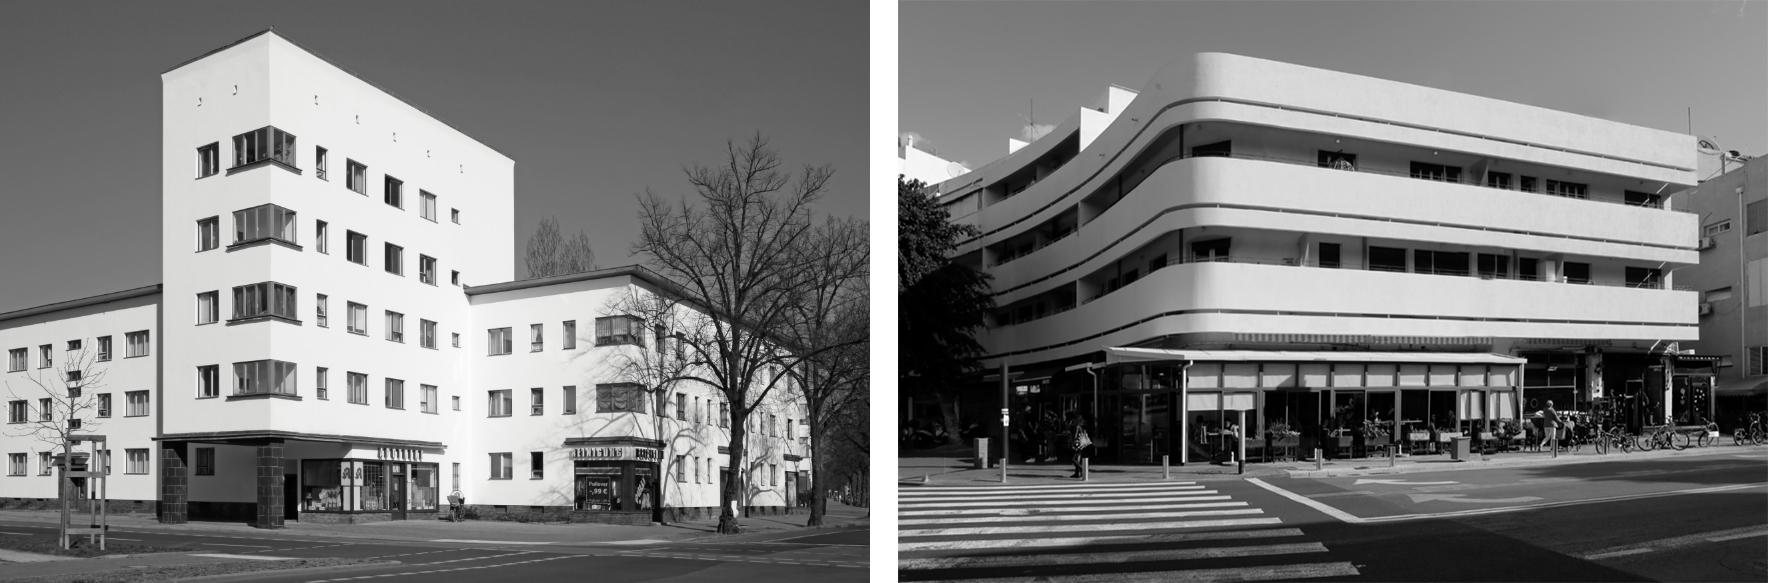 jean molitor | Links: Weisse Stadt Reinickendorf, Berlin | Rechts: Dizengoff Platz, Tel Aviv